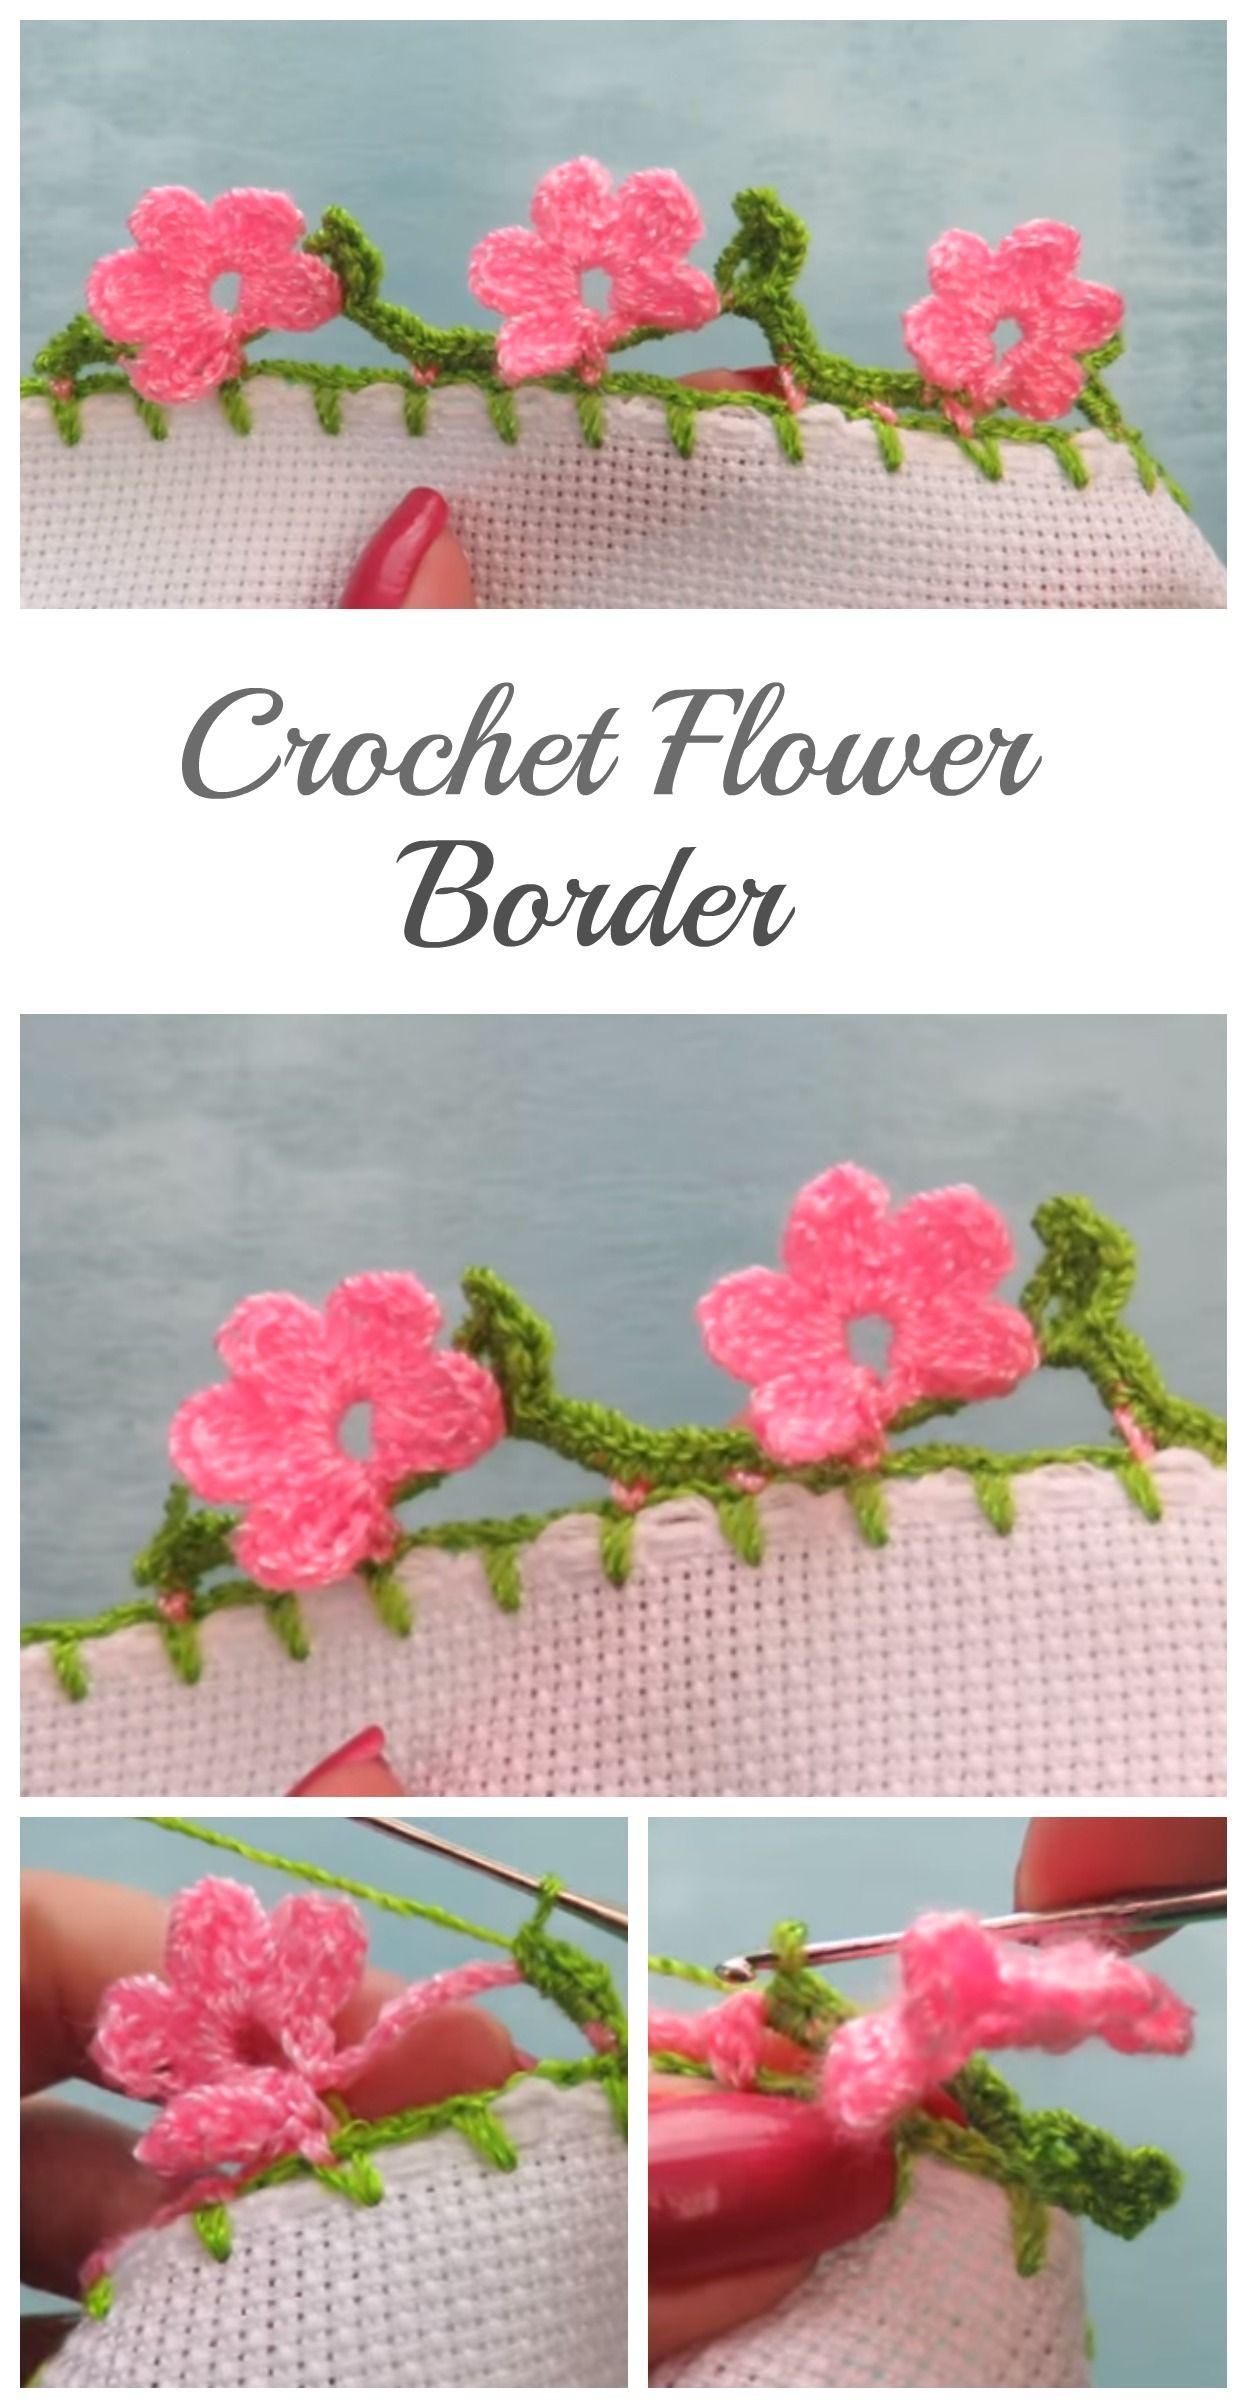 Crochet Beautiful Flower Border #crochetflowers | Crochet Flowers ...